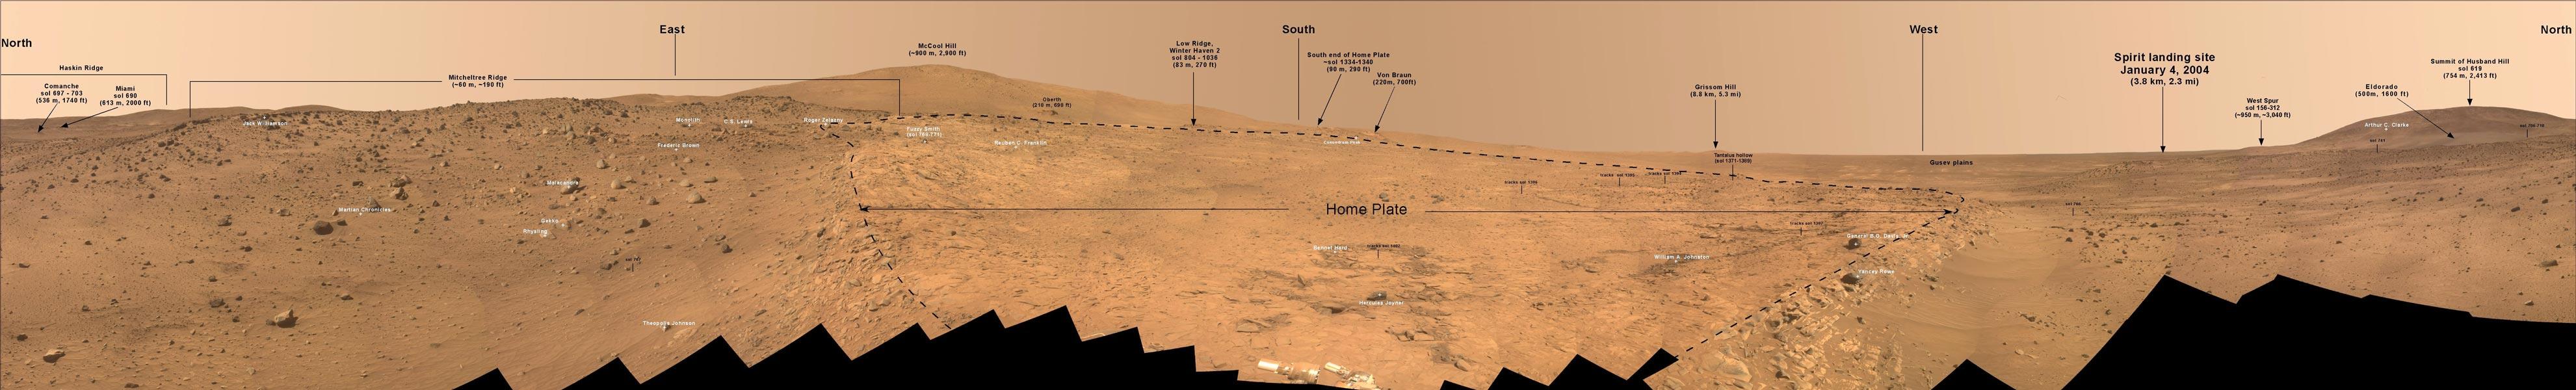 Un peu de l\'esprit de Chesley Bonestell sur Mars